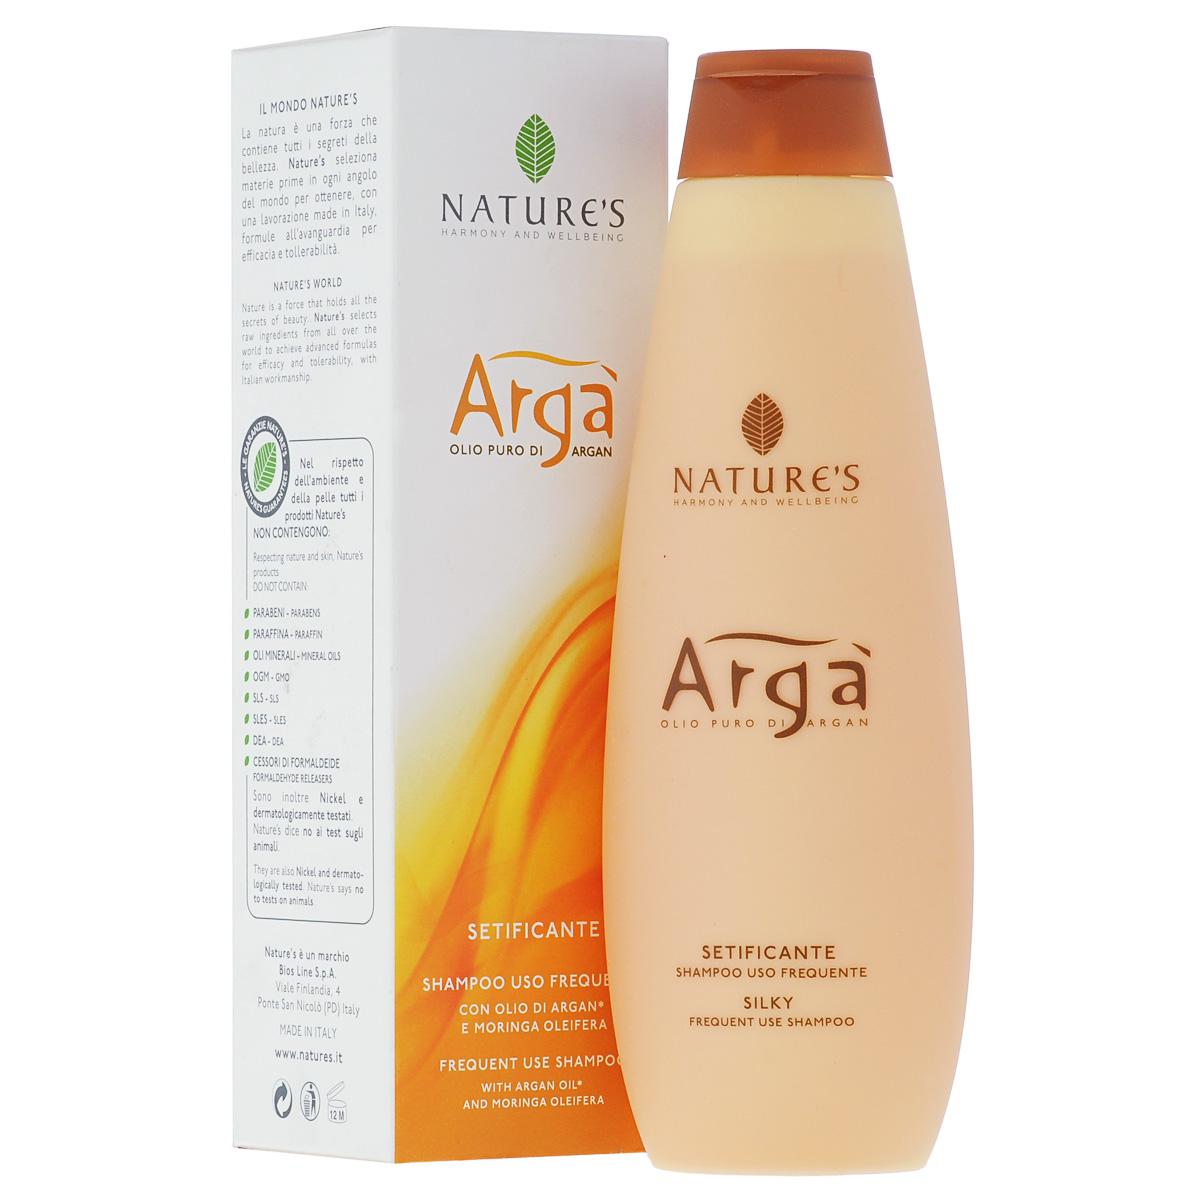 Шампунь Natures Arga, для частого использования, 200 млPT-81324709Шампунь Natures Arga рекомендуется для ухода за поврежденными, слабыми, тонкими волосами. Шампунь обладает восстанавливающим, антистрессовым эффектом. Питает, увлажняет, наполняет волосы силой, оставляя их мягкими, шелковистыми и сияющими. Тонизирует и успокаивает кожу головы. Благодаря эфирному маслу лицеи, придает приятное ощущение свежести и благополучия. Предназначен для частого использования.Характеристики:Объем: 200 мл.Производитель: Италия. Артикул:60150903. Товар сертифицирован.